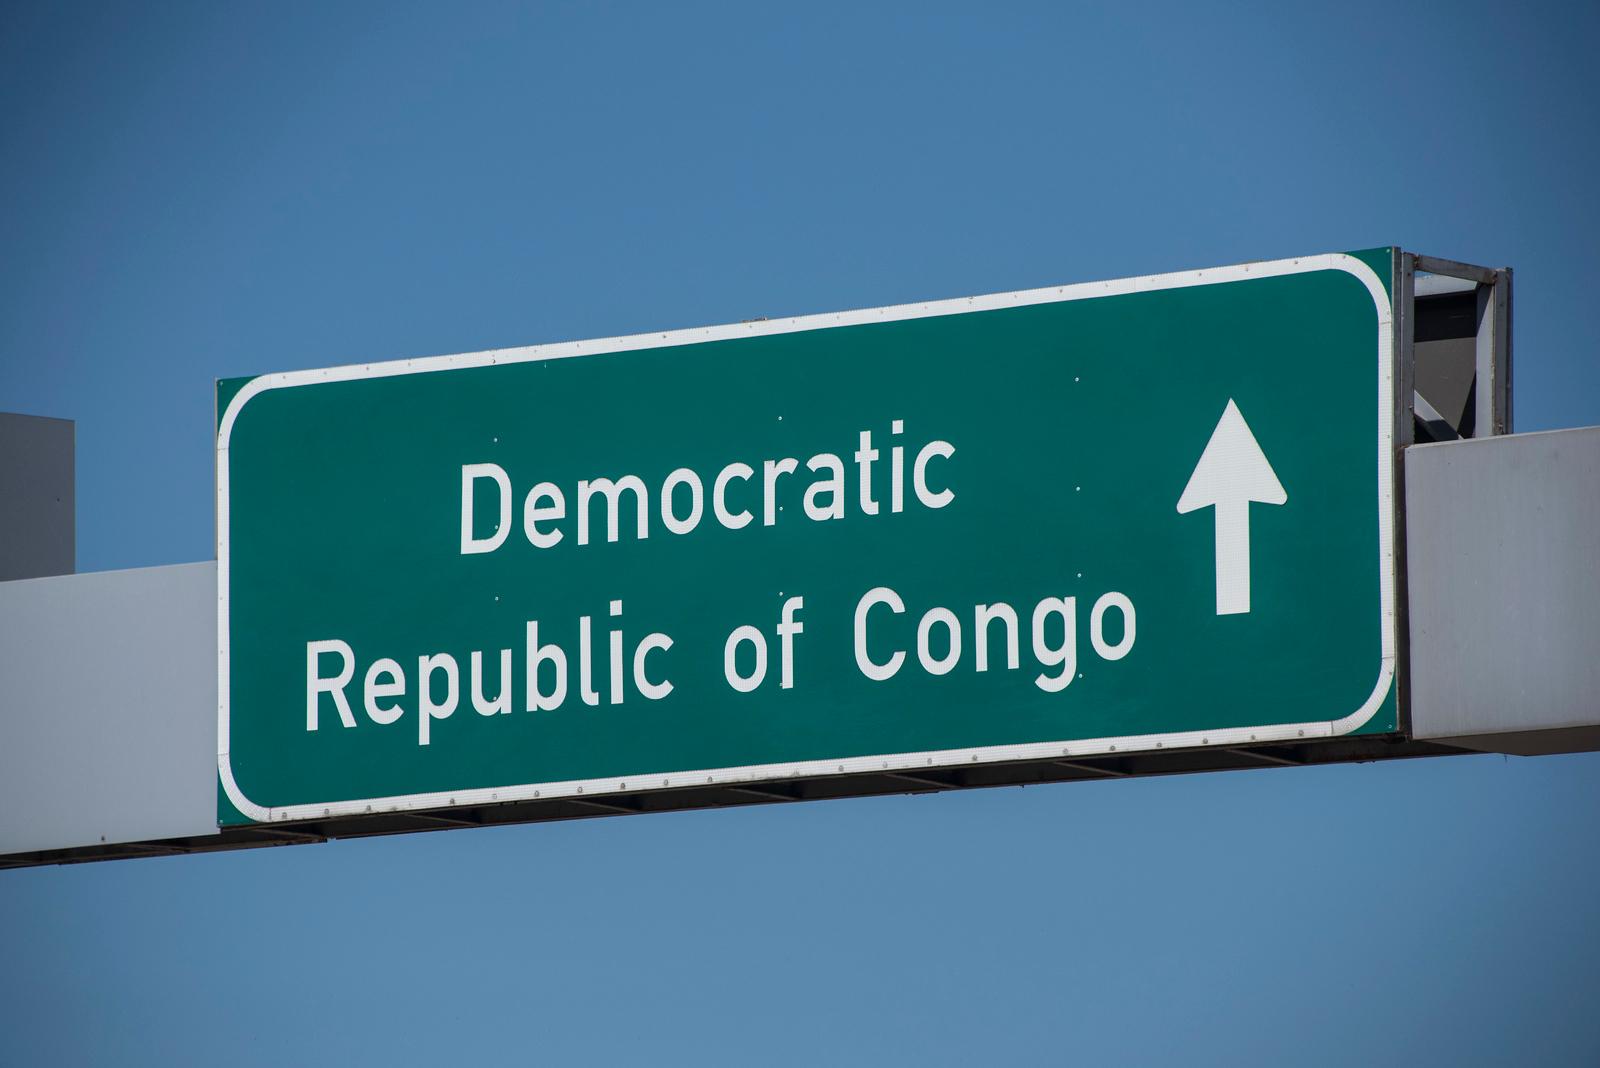 D R Congo Sign